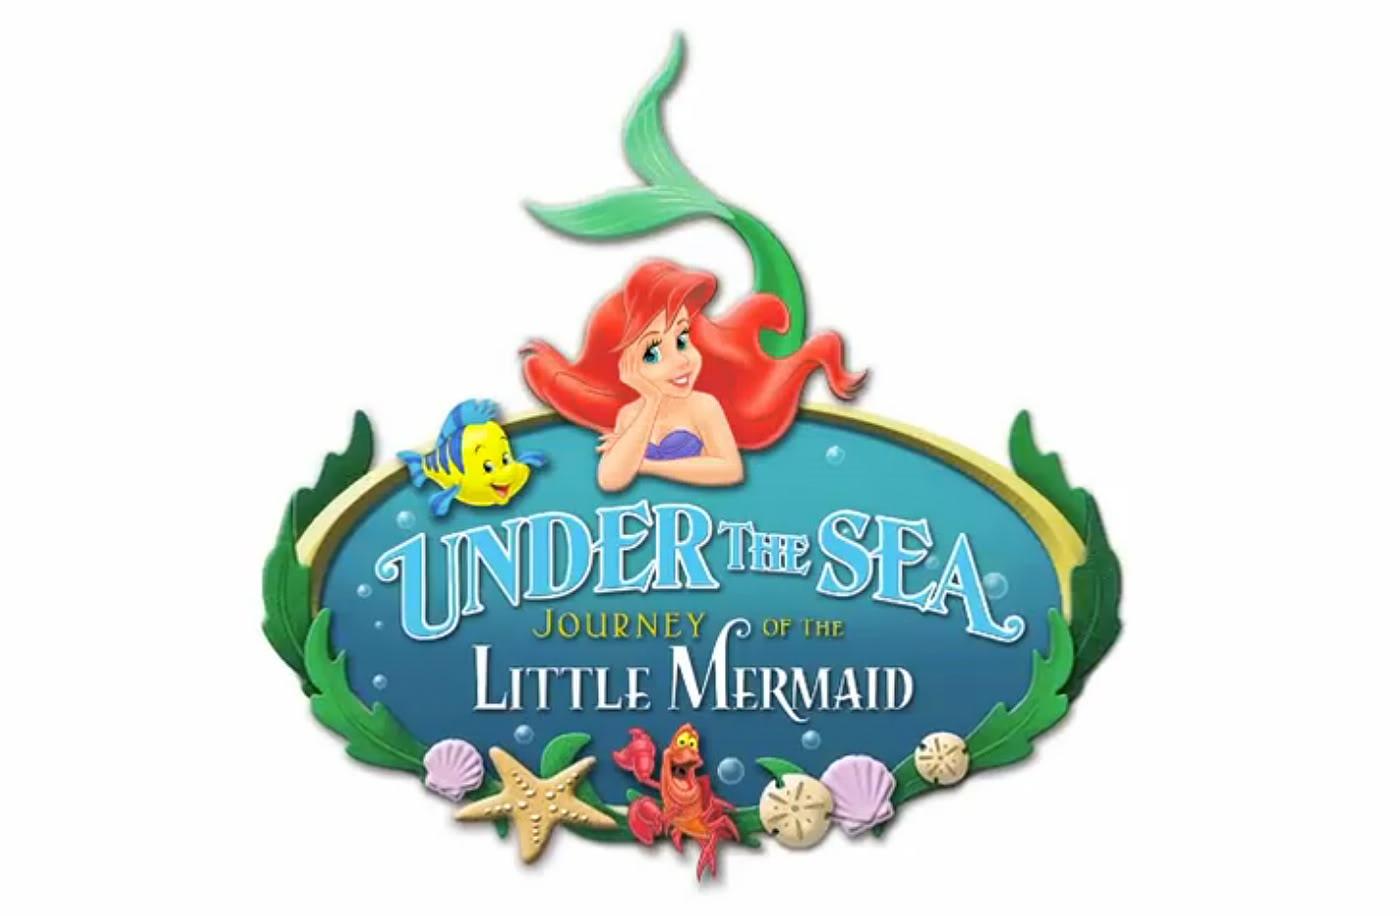 Mermaid clipart spice Little birthday mermaid 2 kid